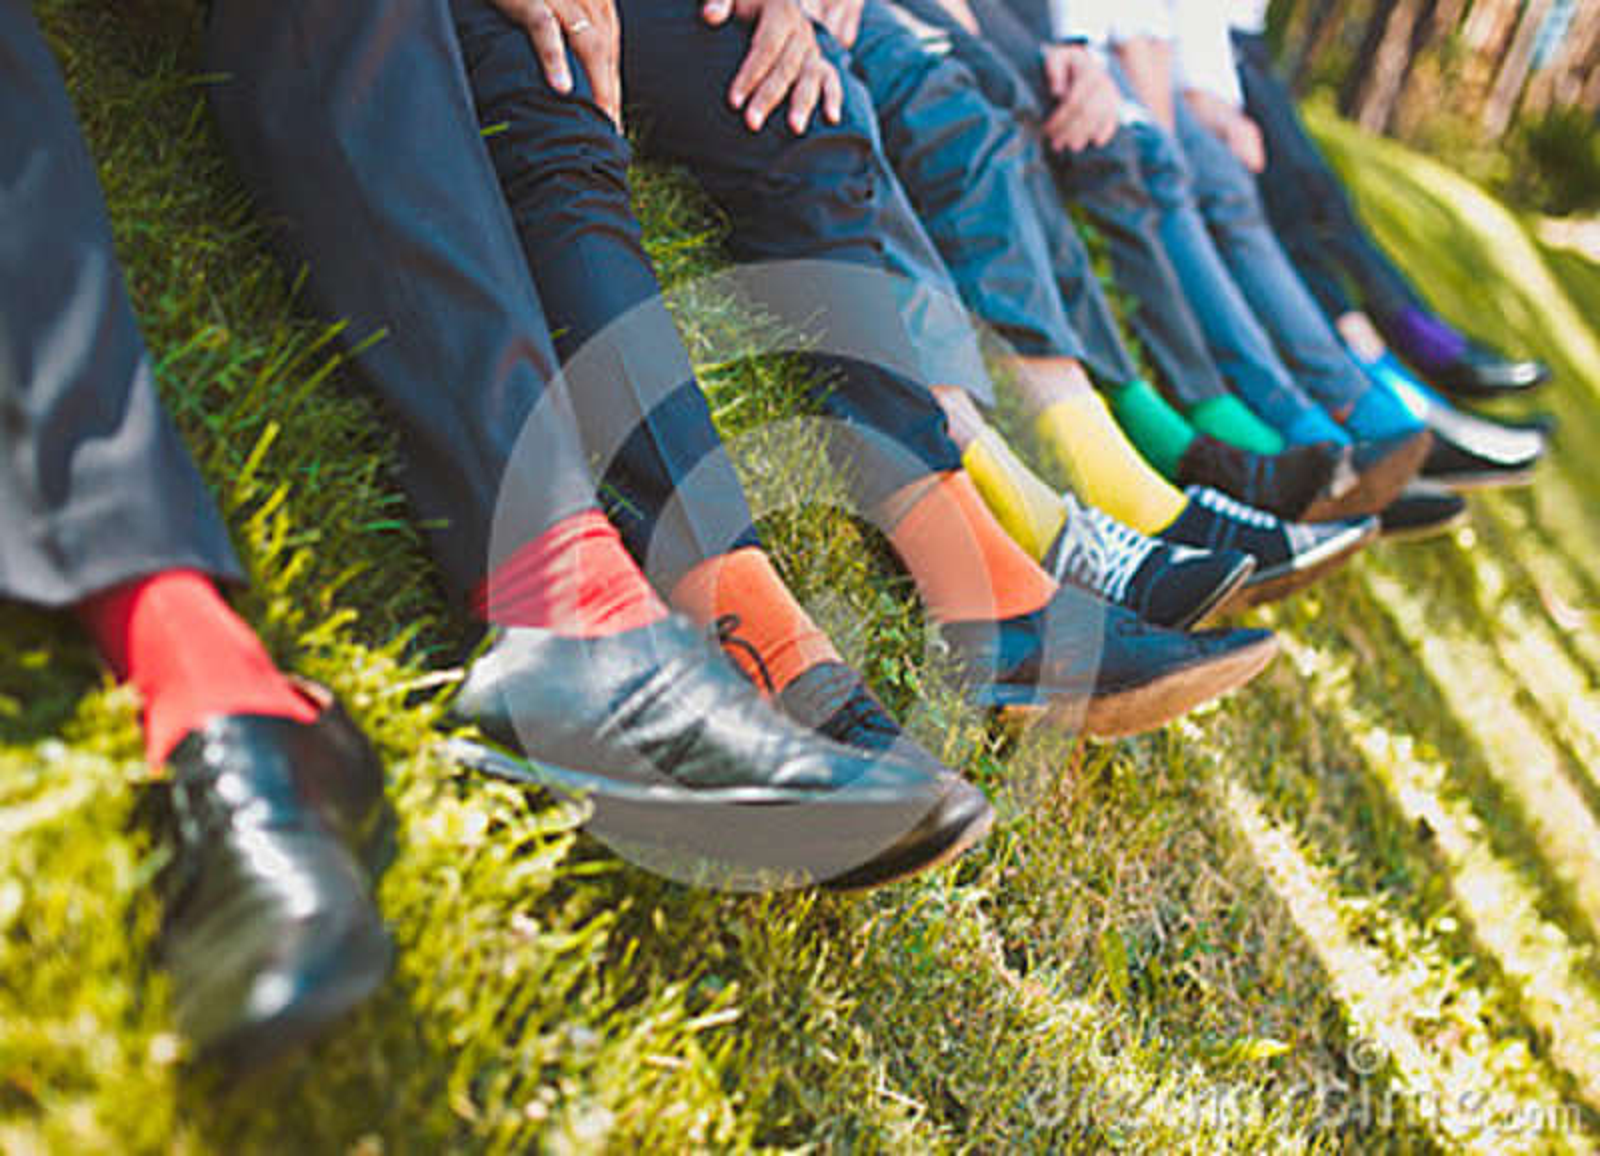 Kleurrijke sokken van groomsmen